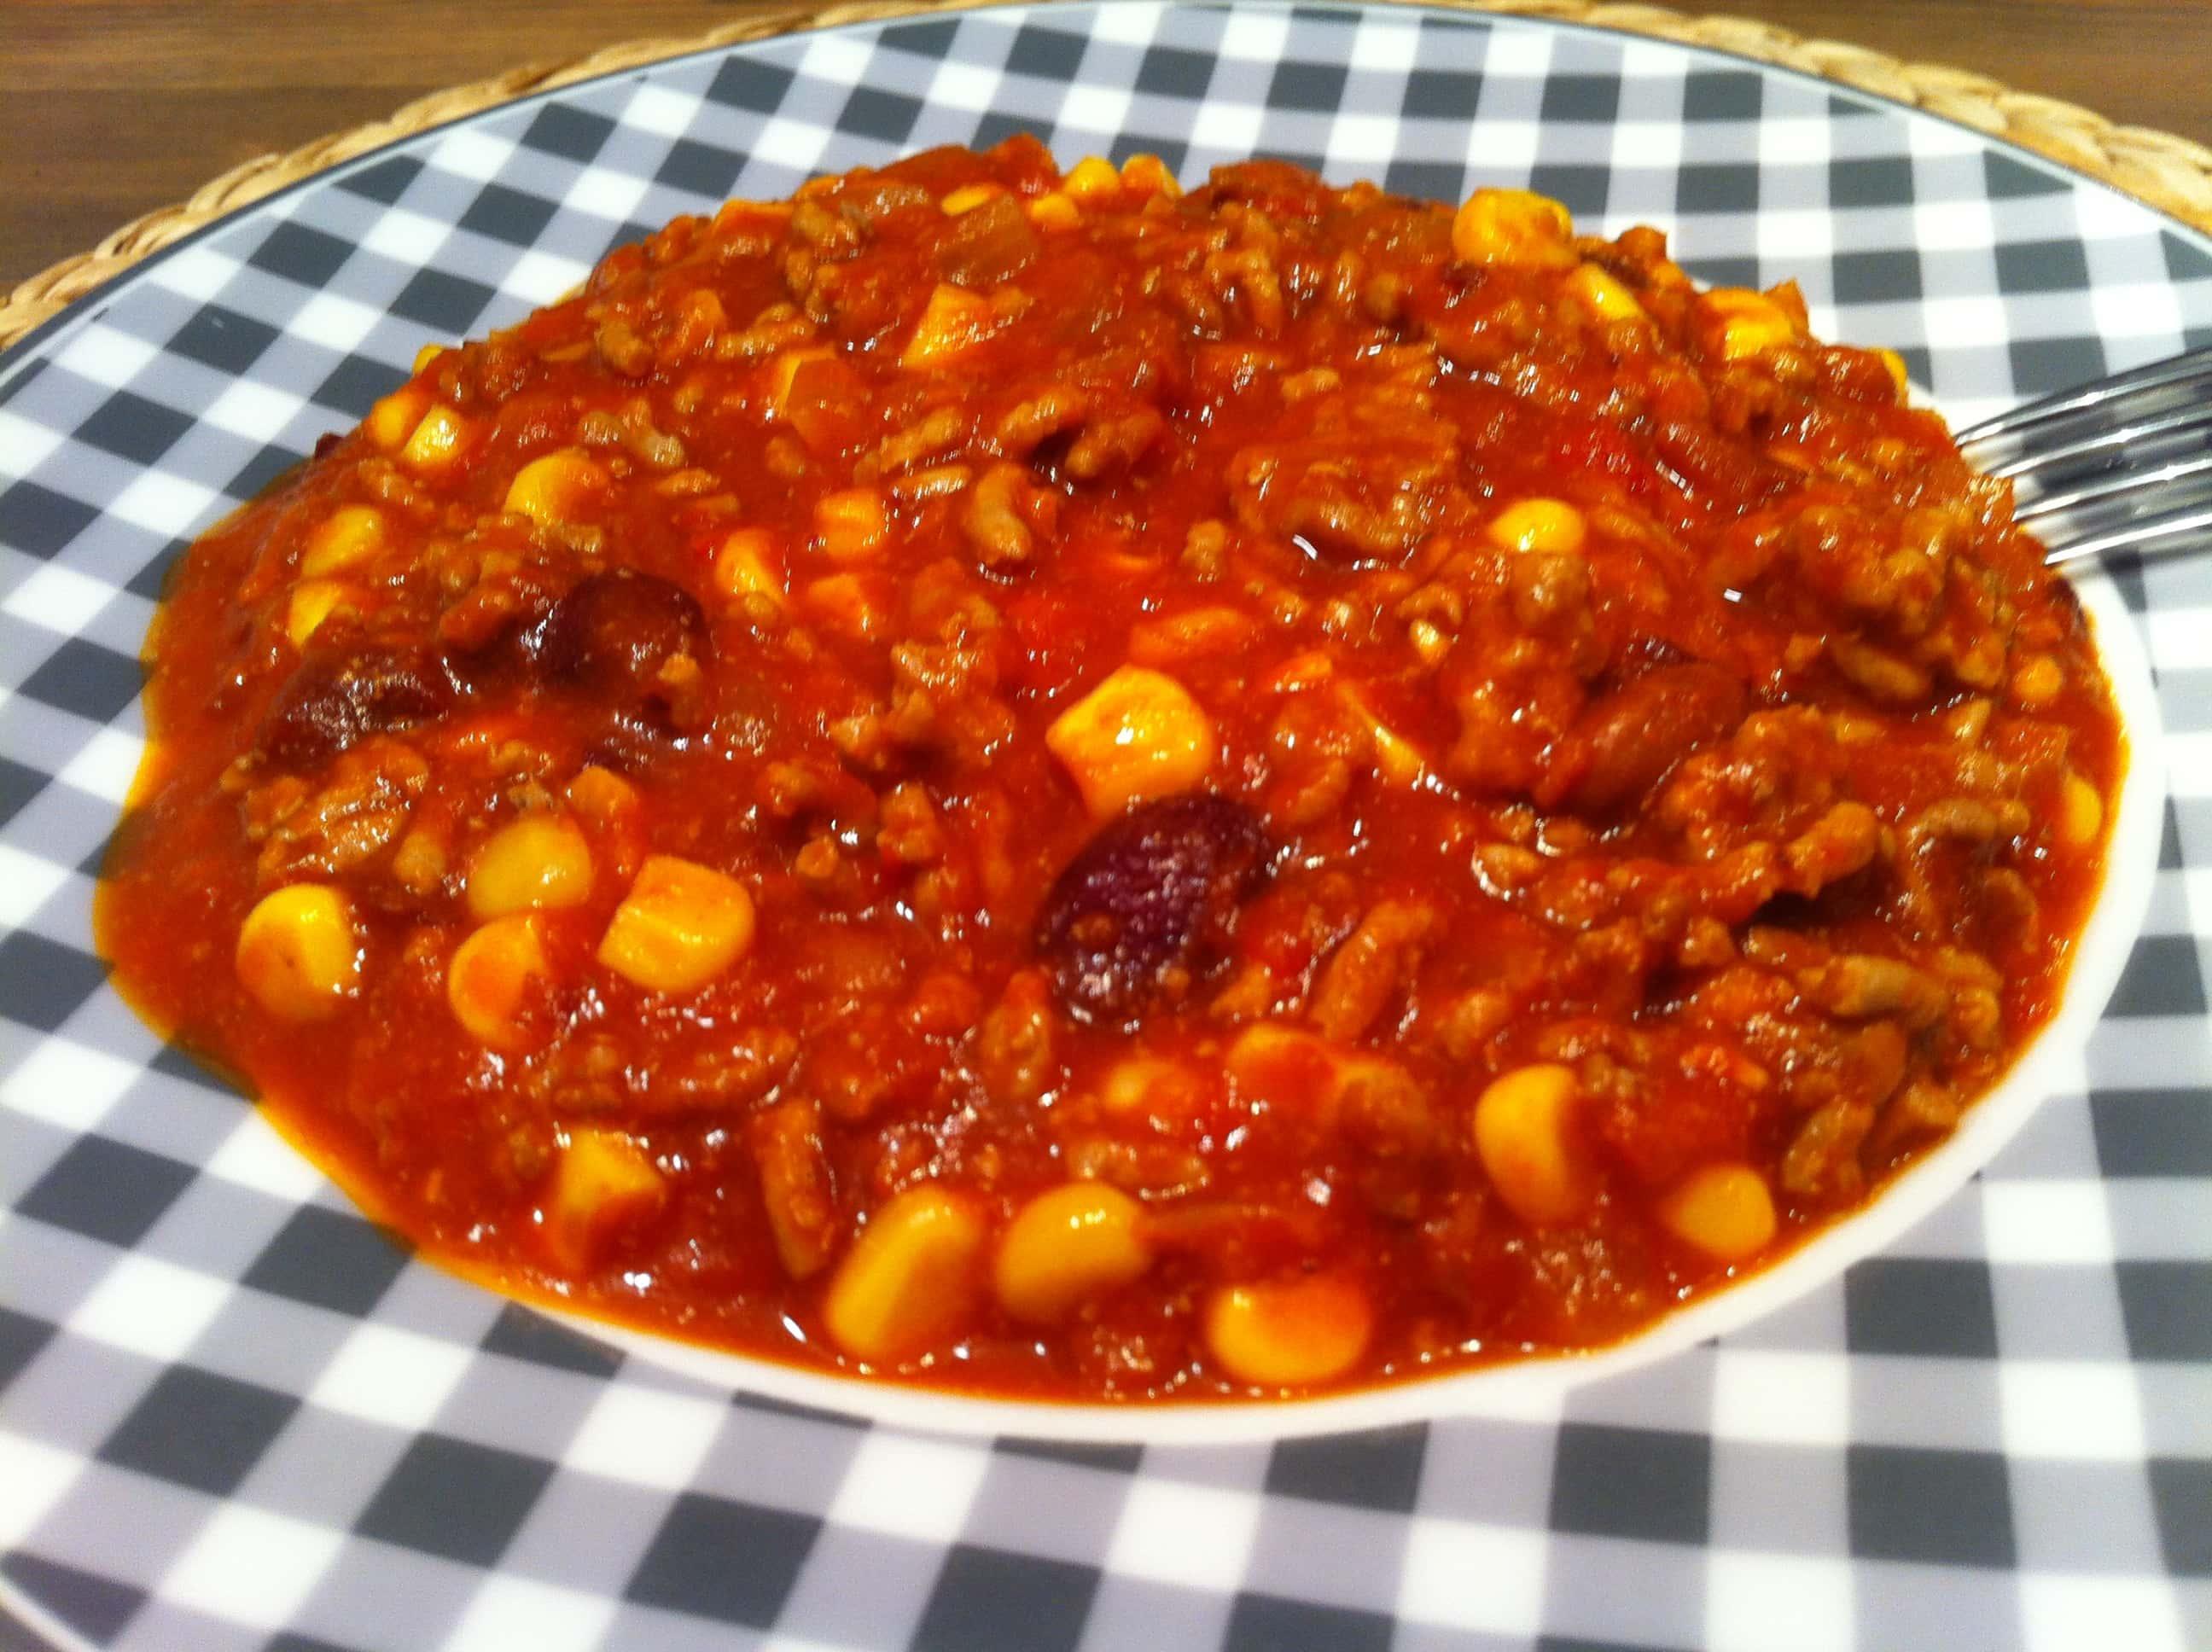 Das schnelle selbst gemachte Chili Con Carne